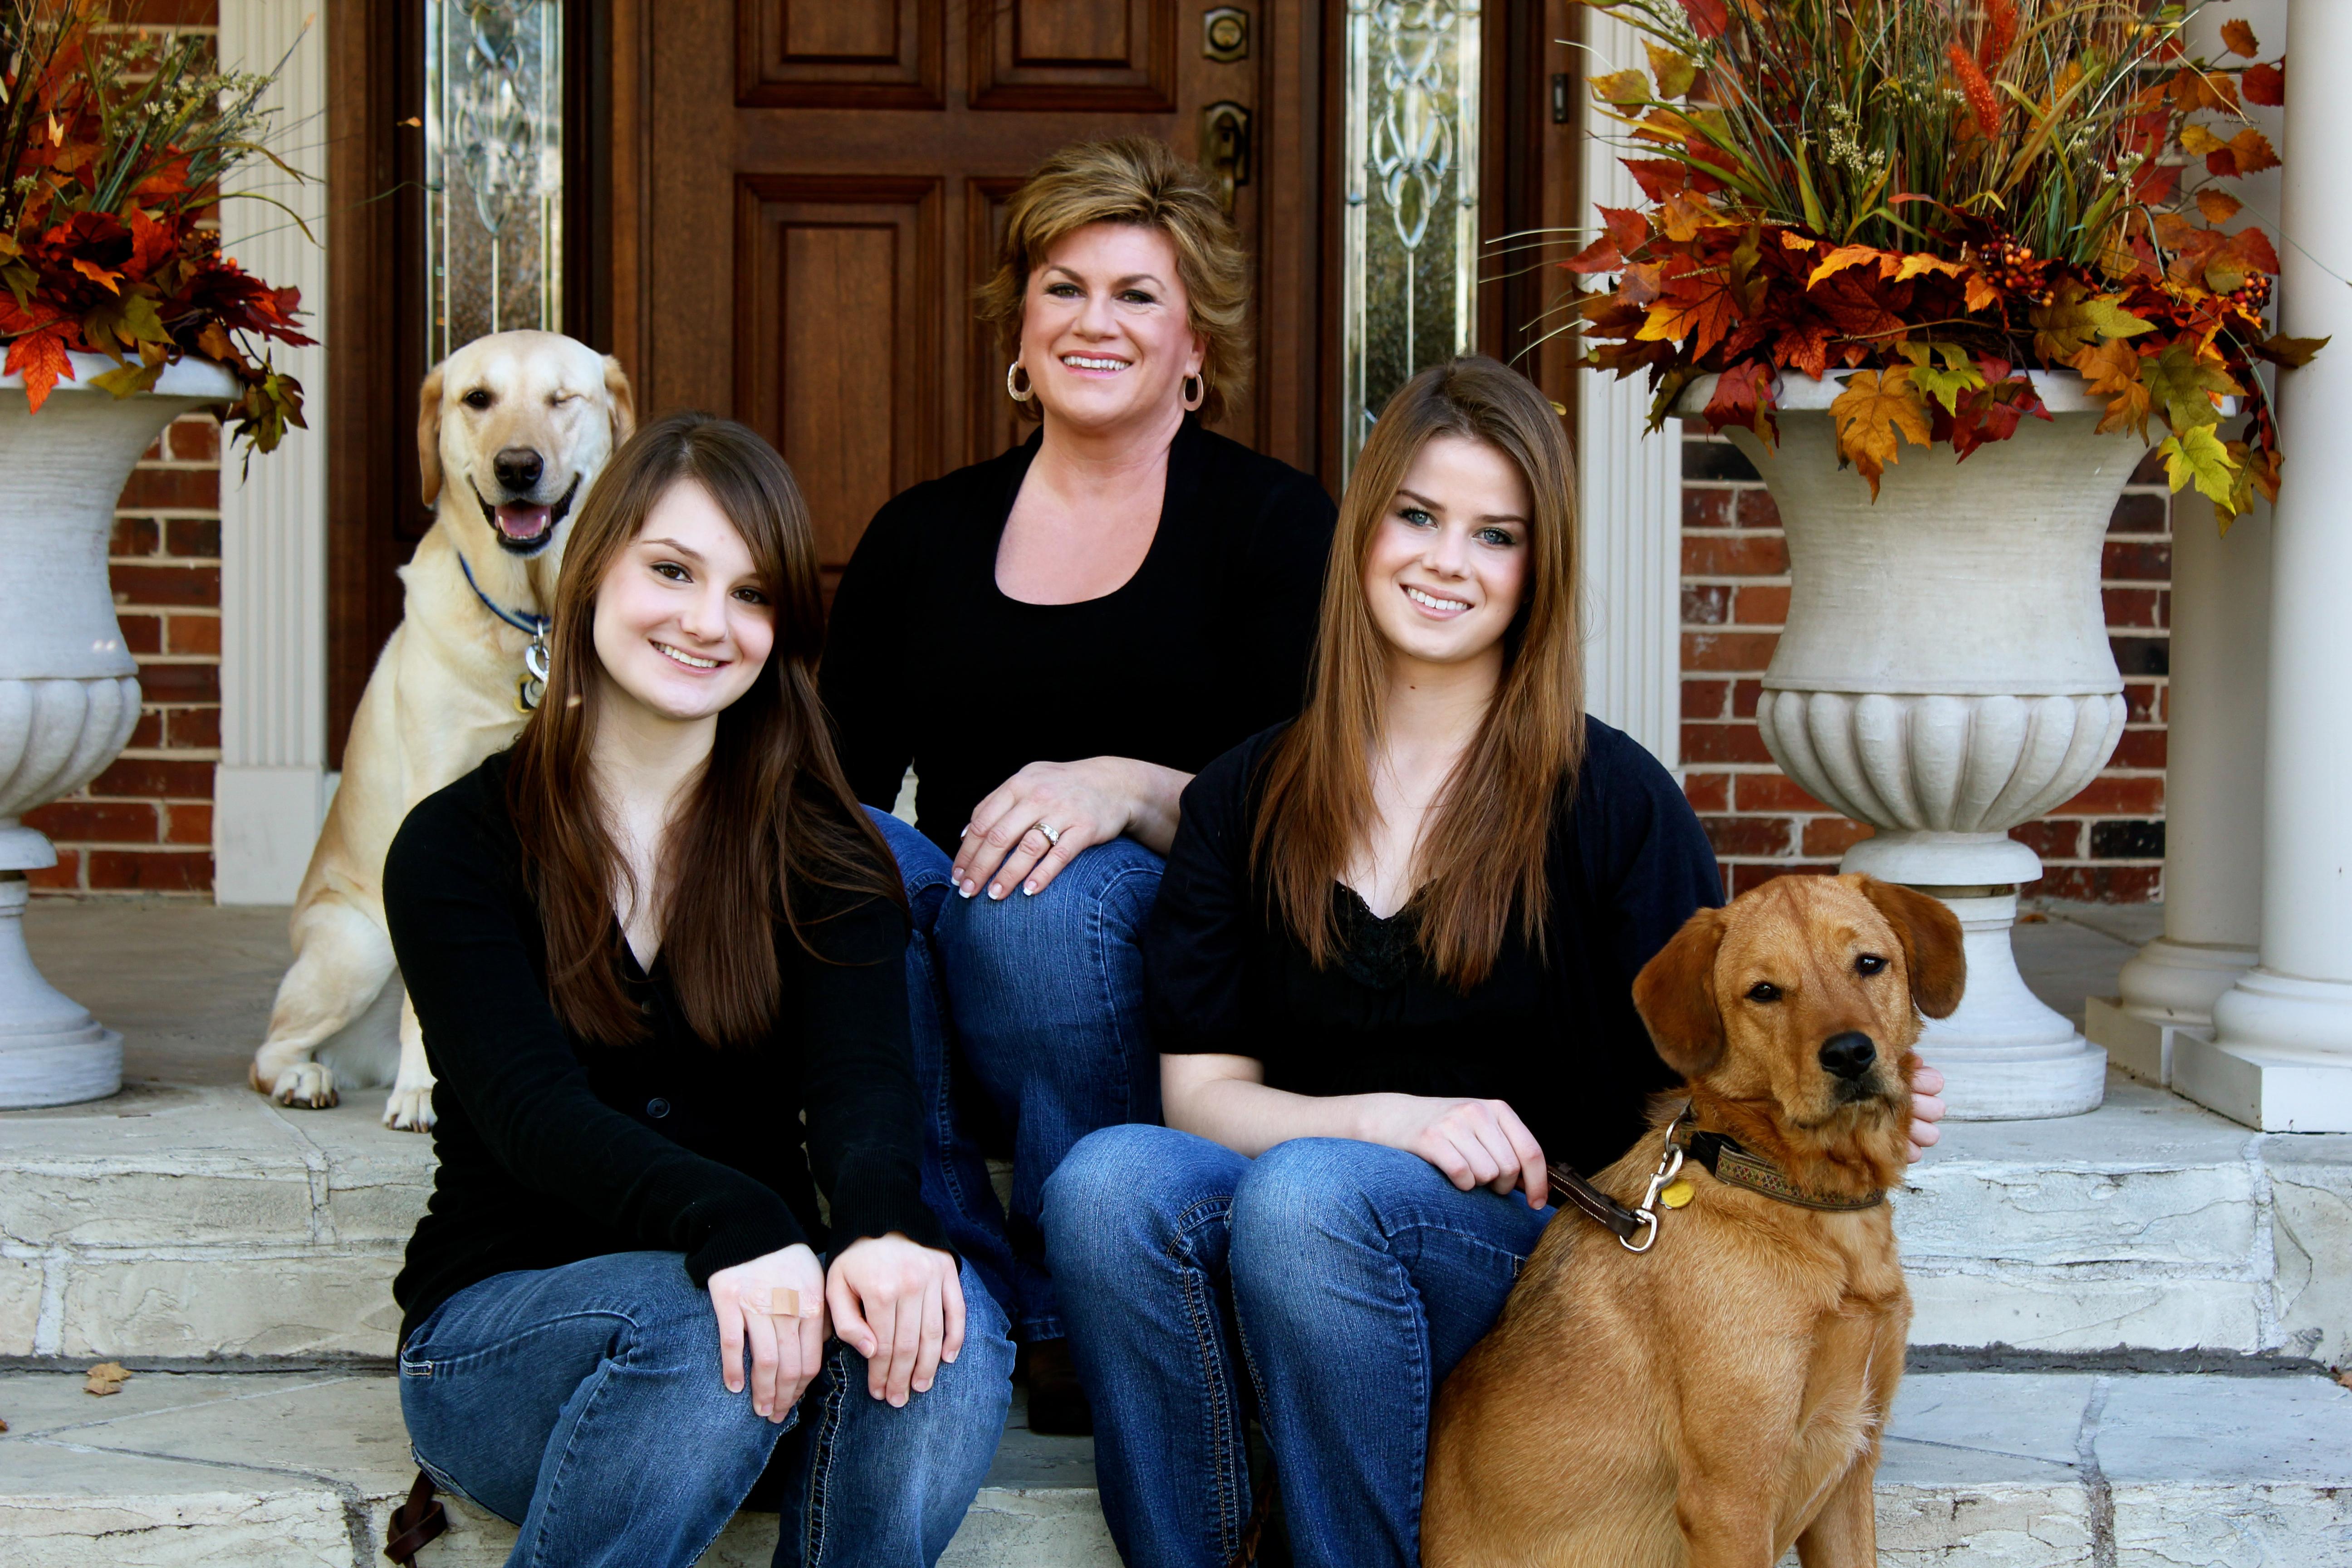 St. Louis- Family Portrait